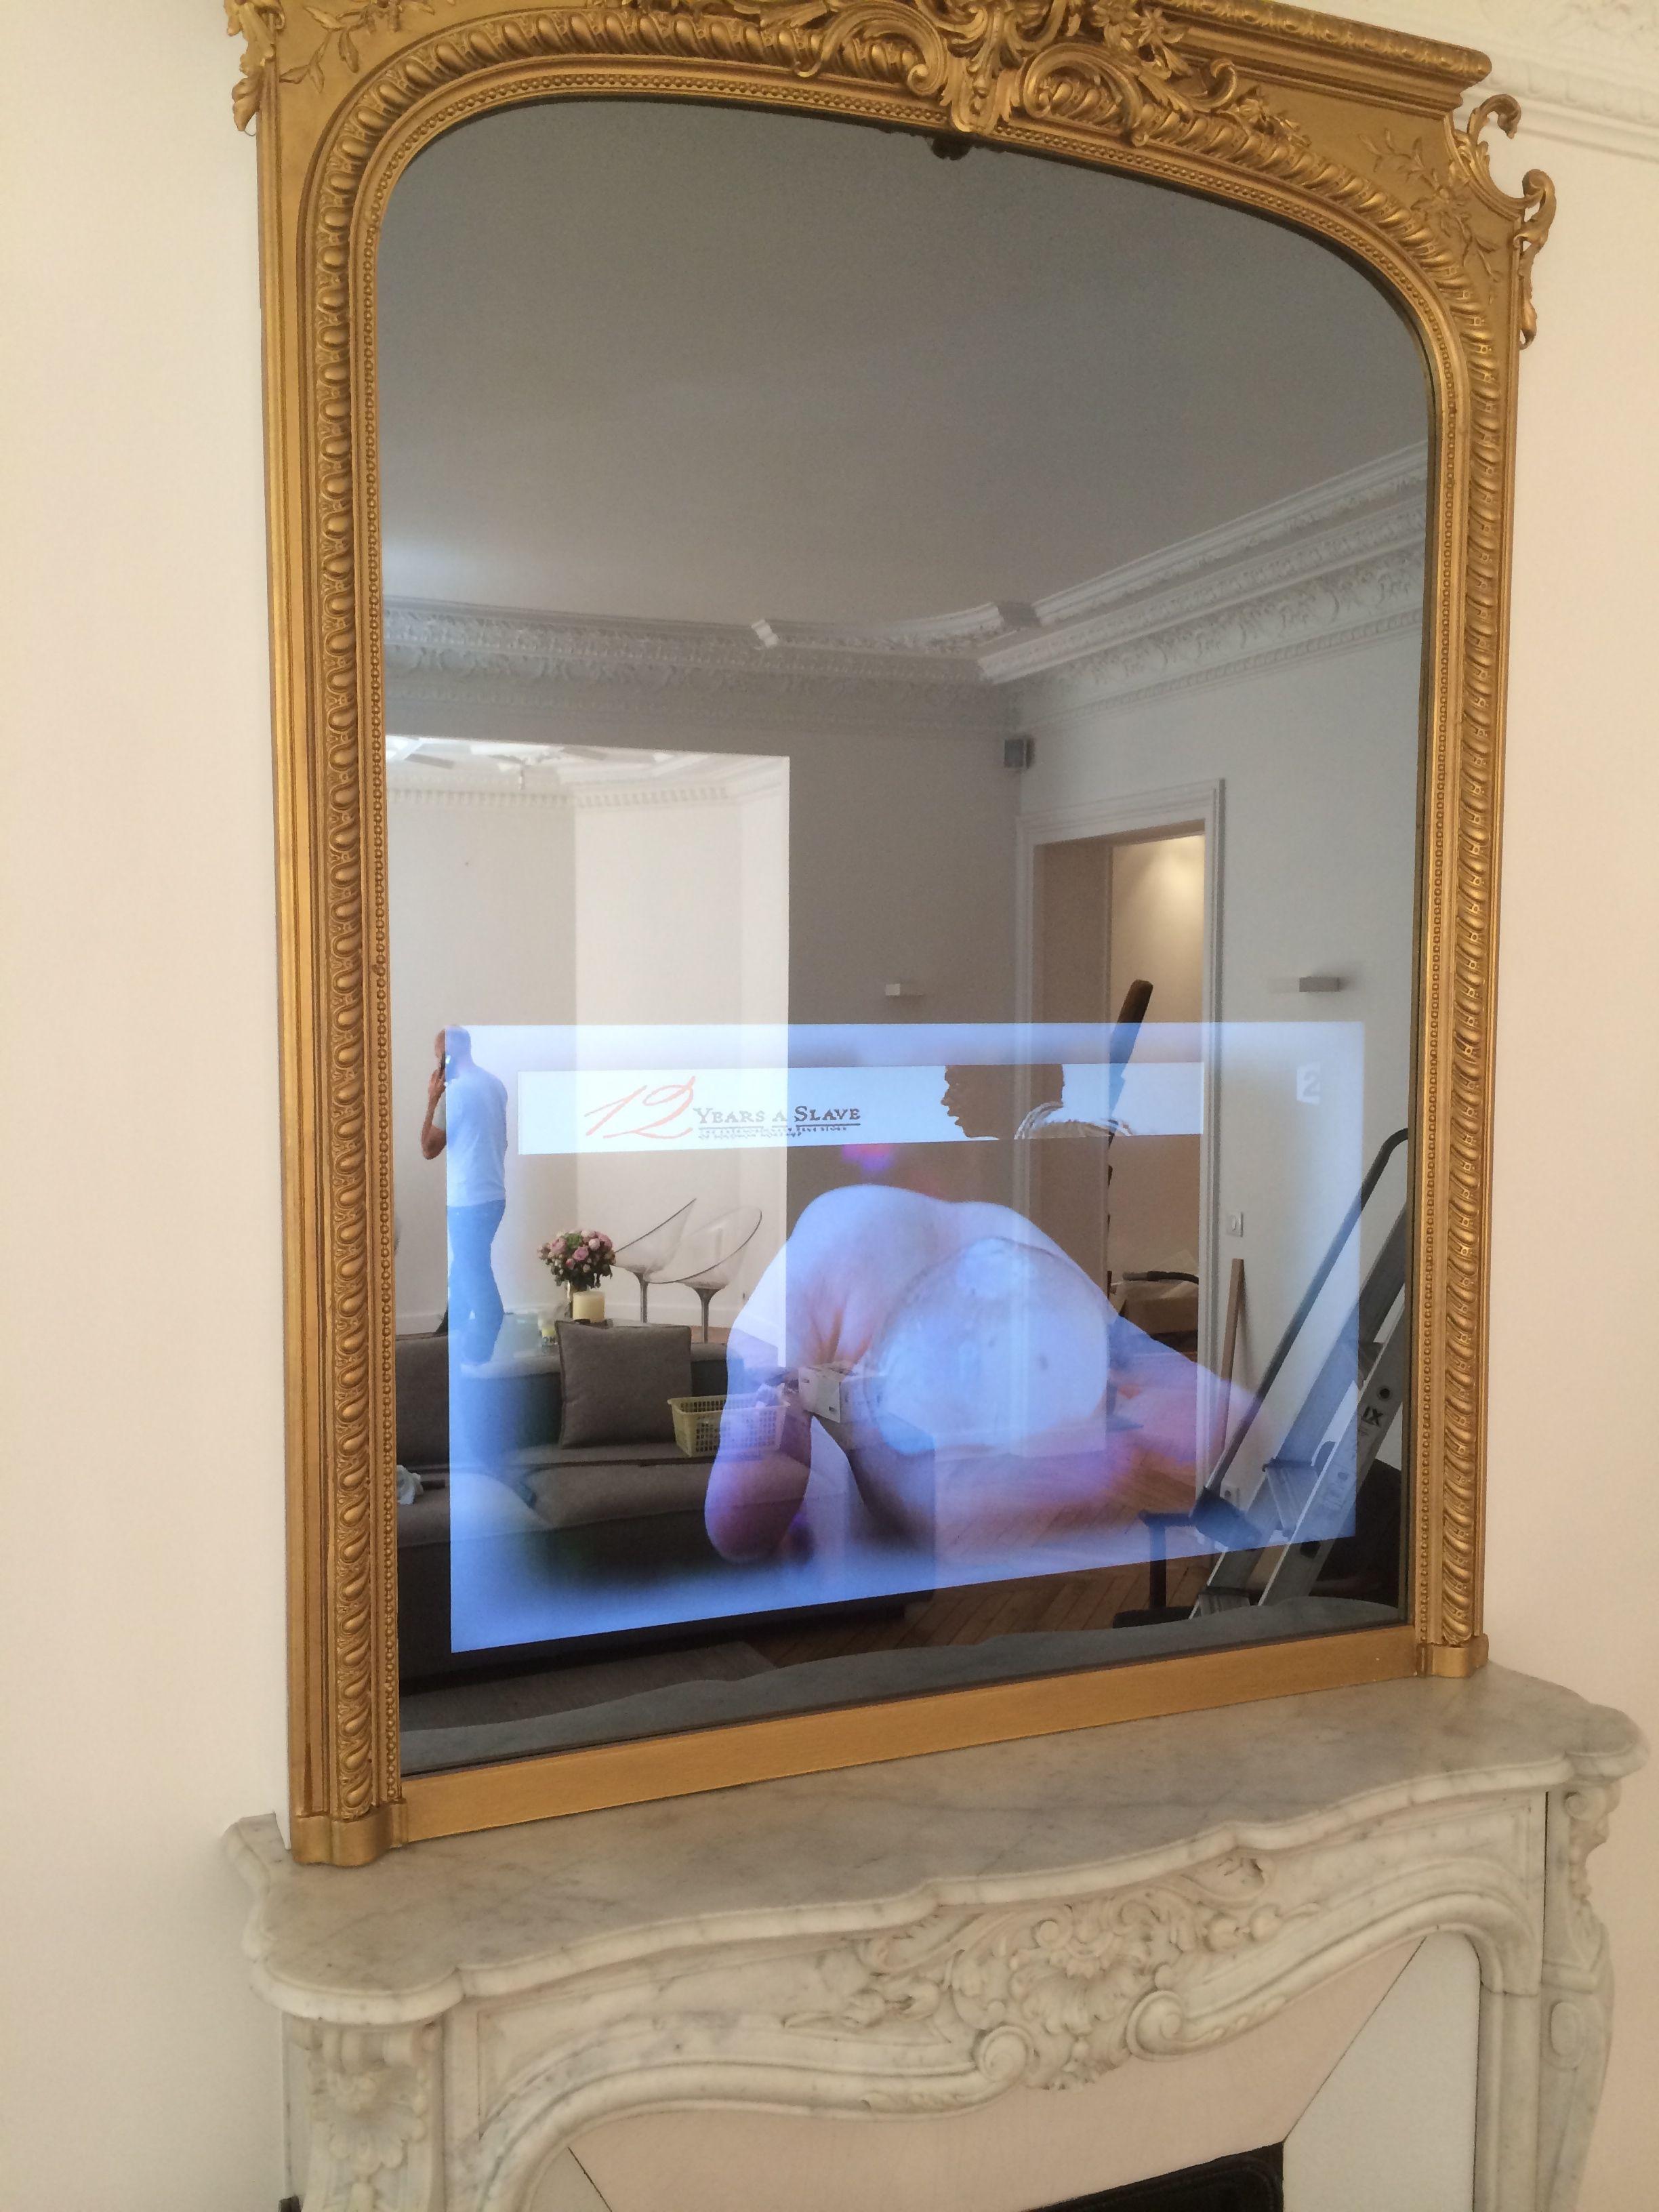 Le Trumeau A T Restaur Le Miroir D Origine A T Remplac Par  # Meuble Qui Cache La Tv